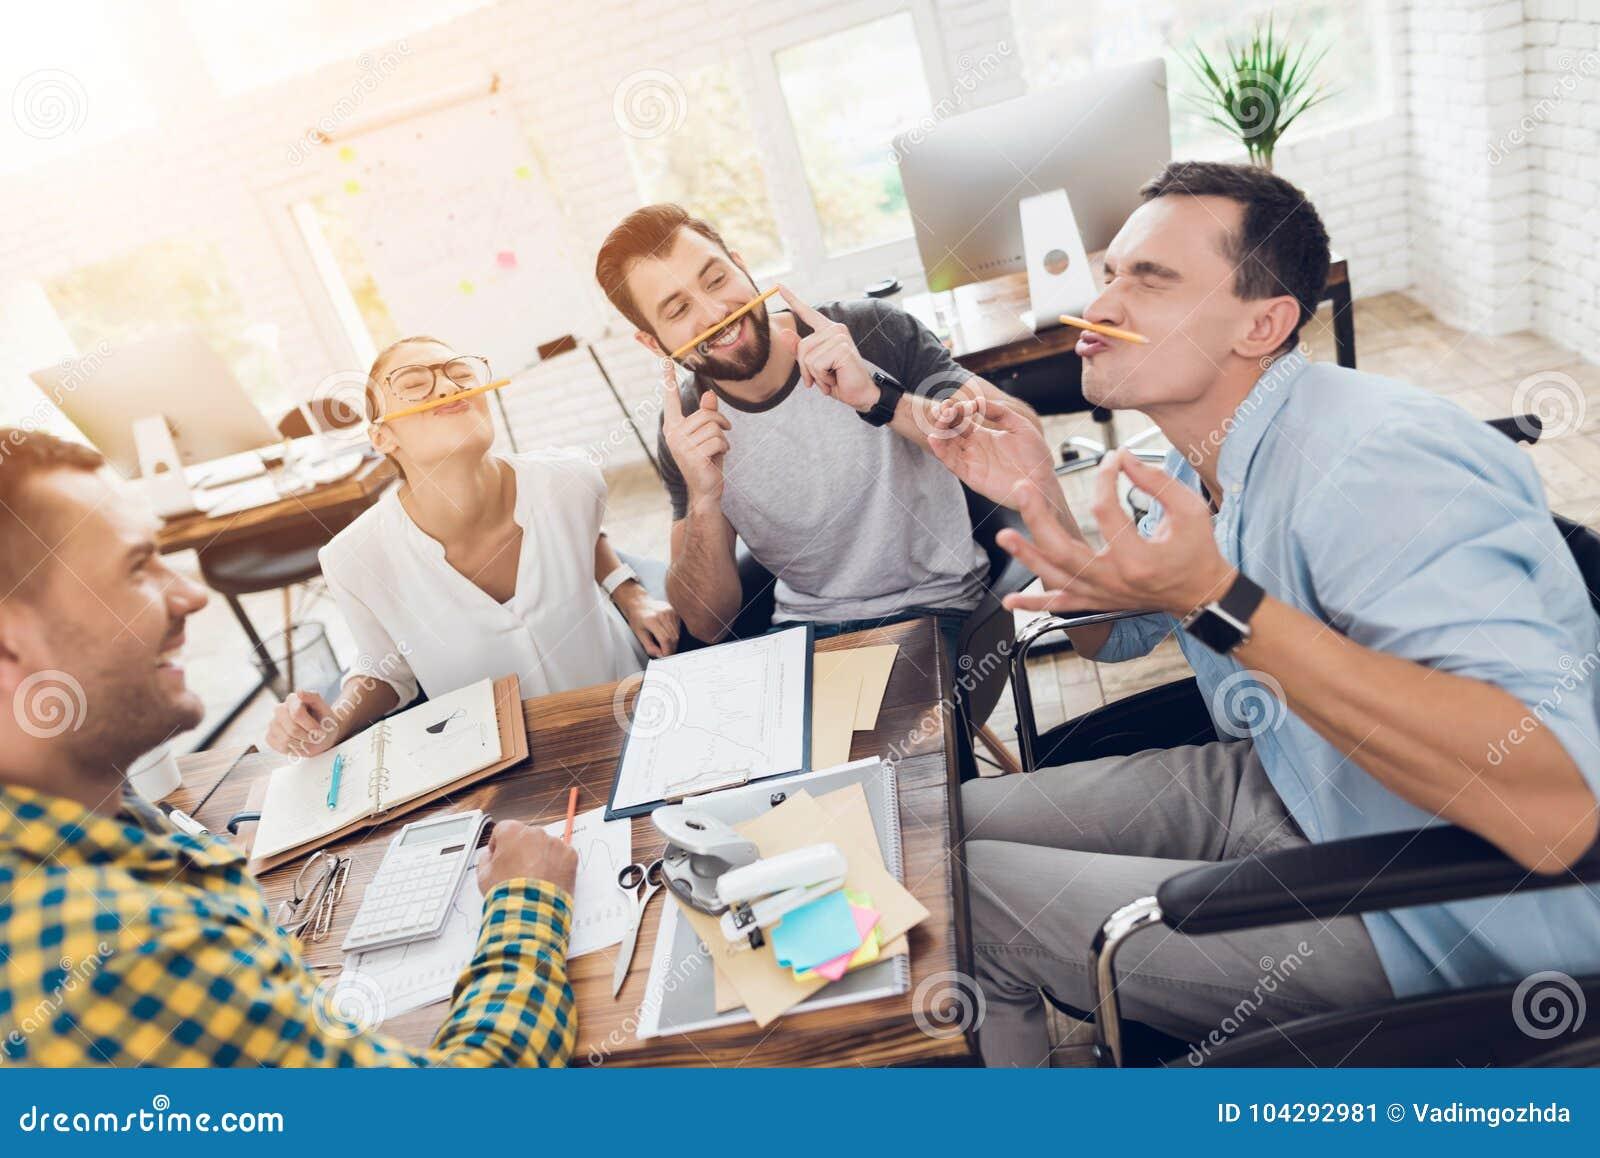 在业务会议的断裂期间,公司的雇员获得乐趣